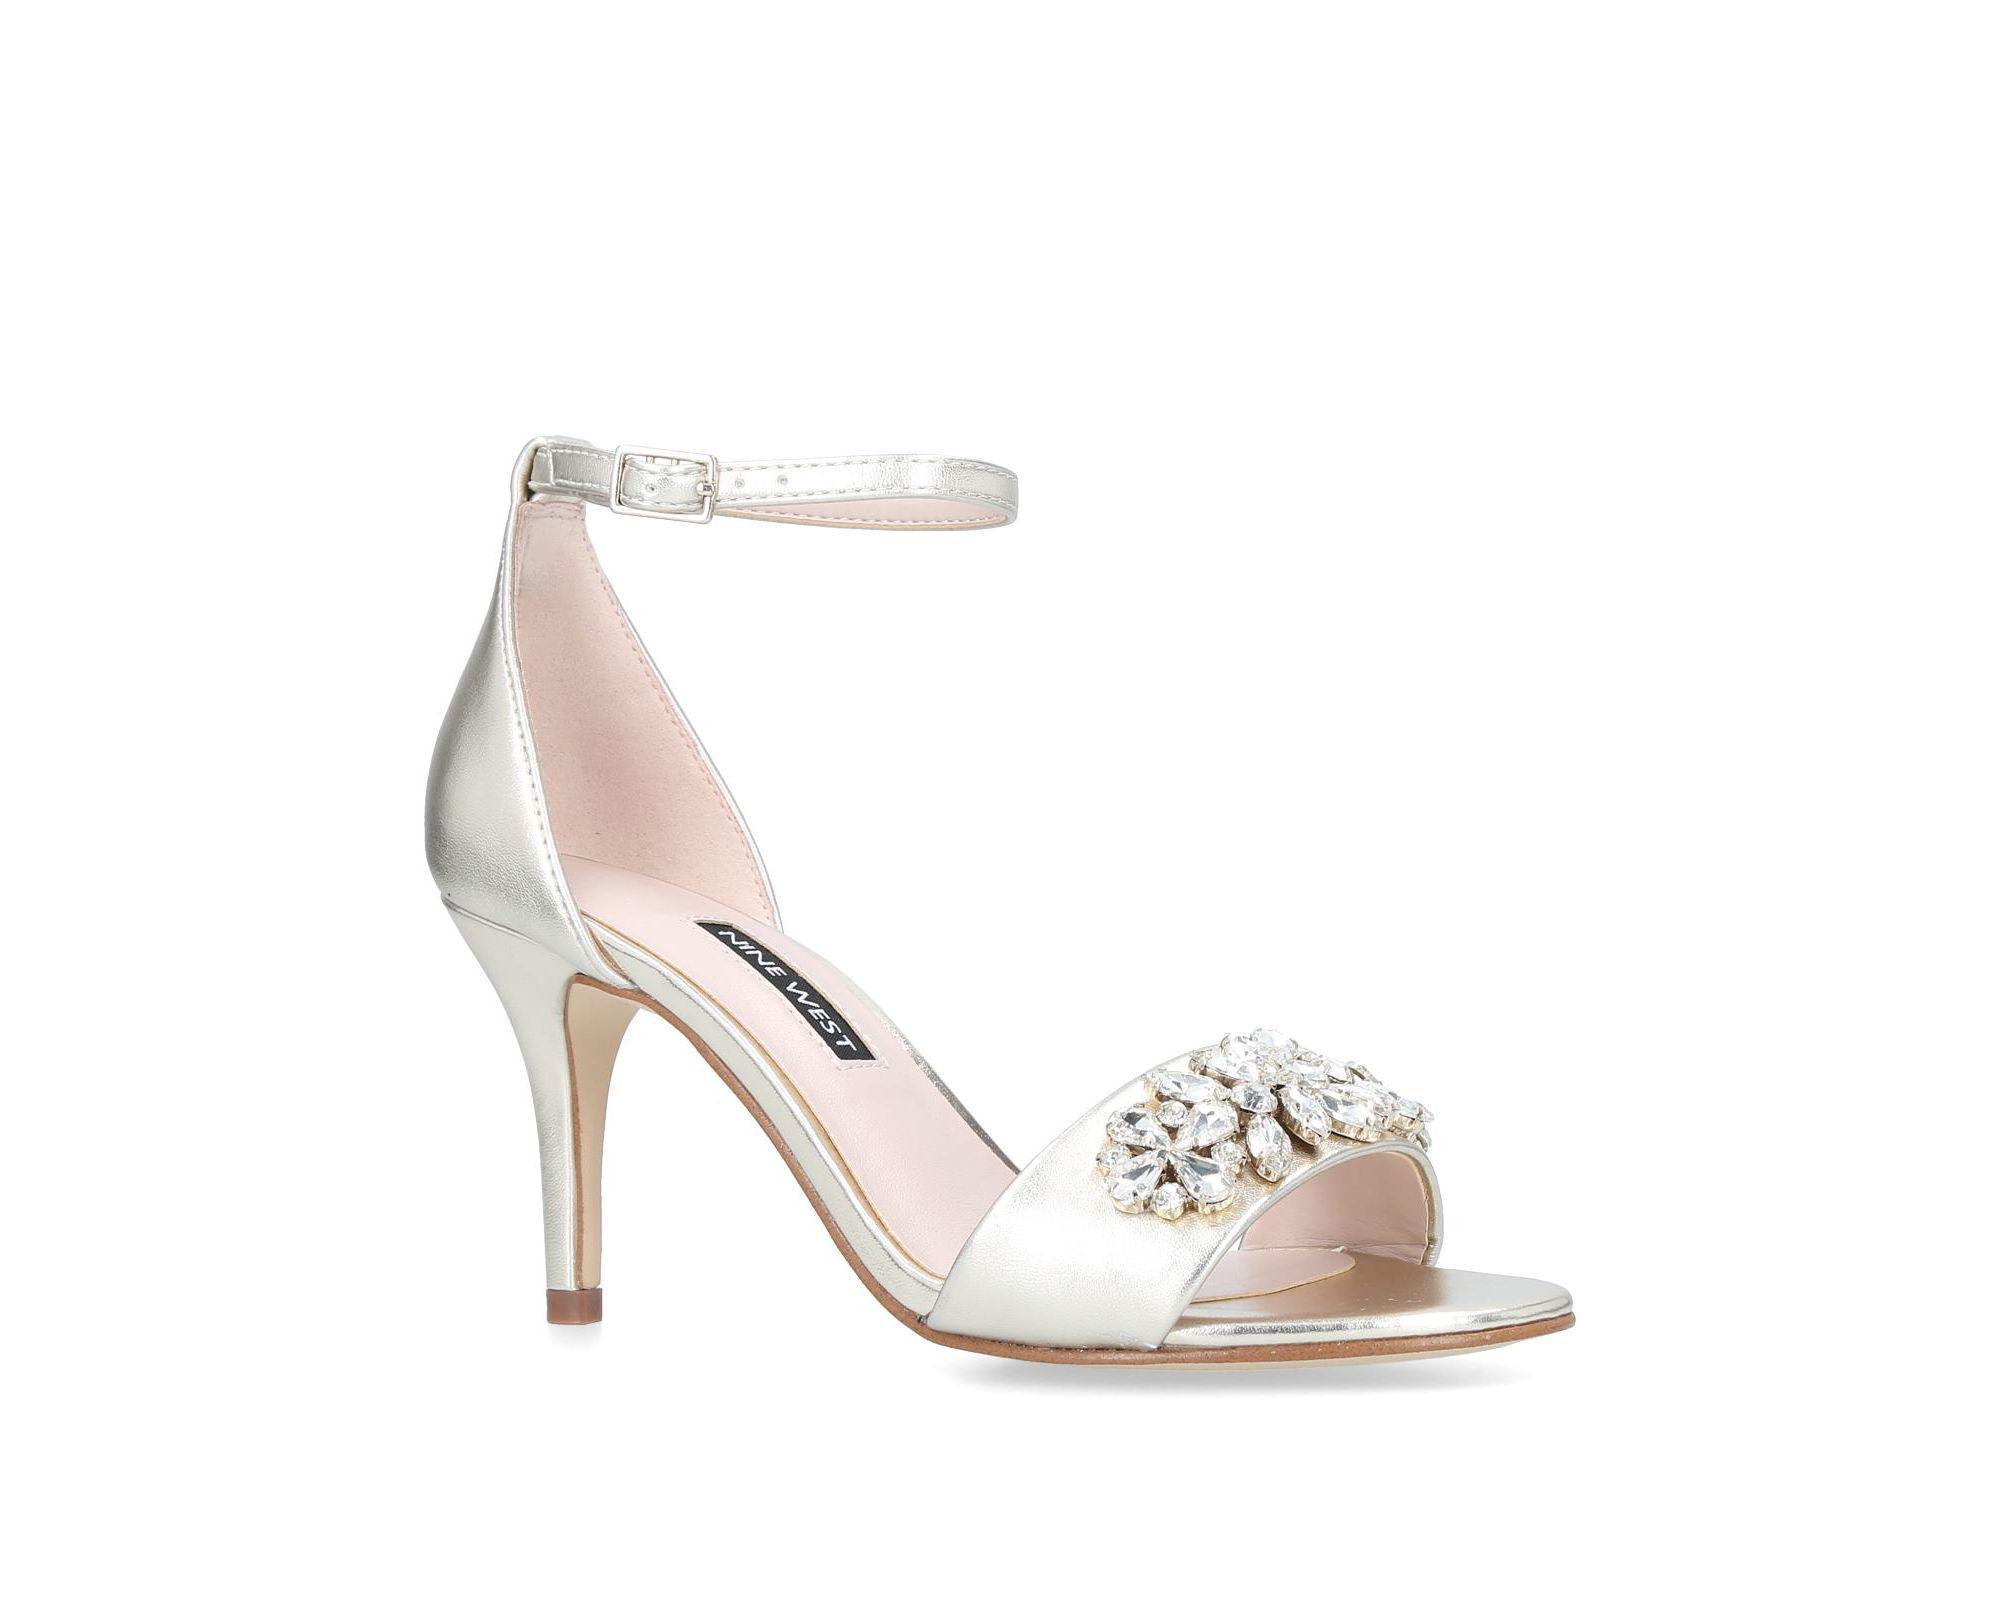 da3483f06da Nine West Gold  intimate  Embellished Strappy Heeled Sandals in ...